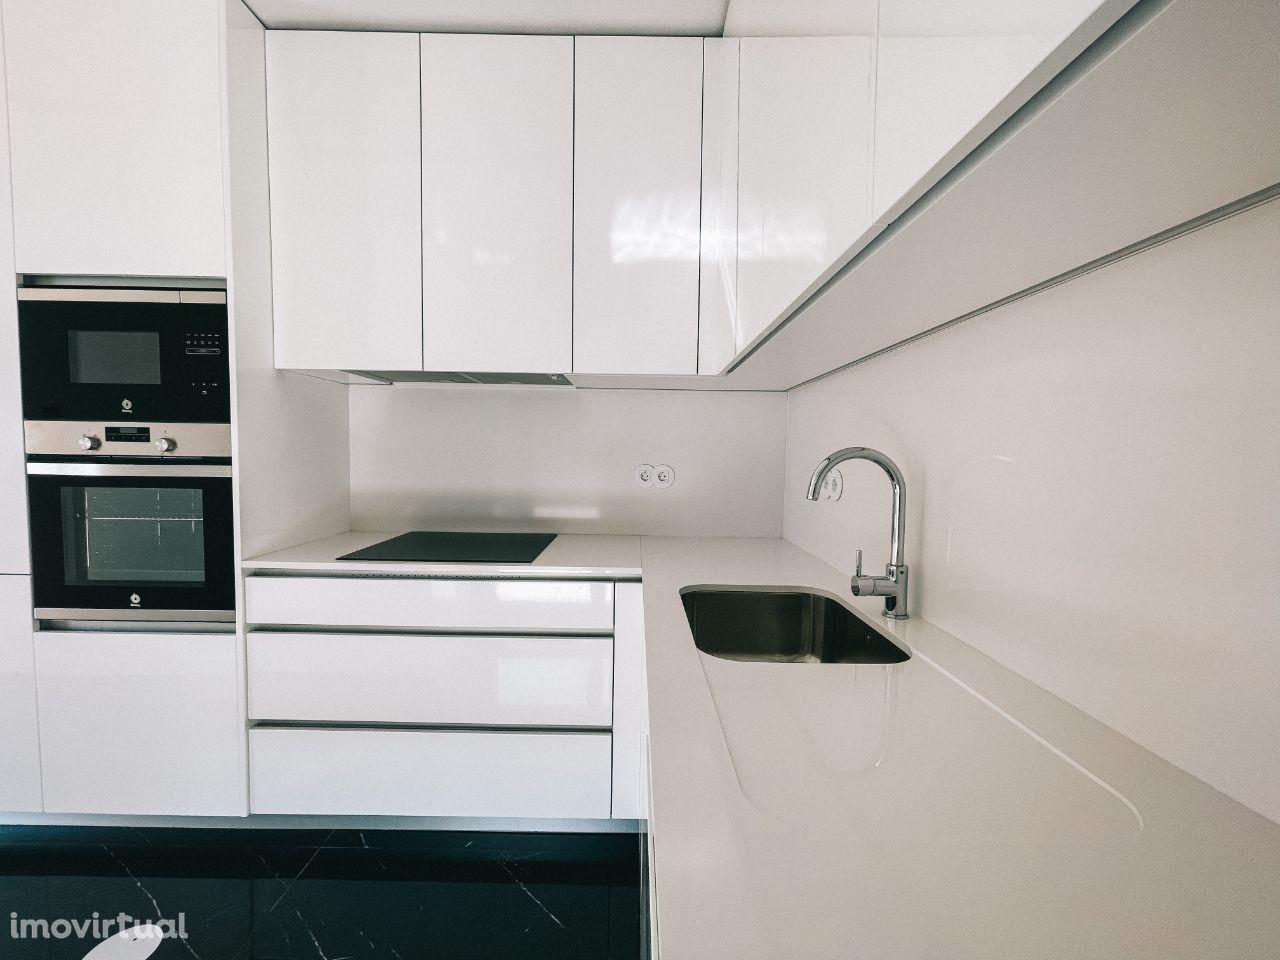 Apartamento T3 Renovado com Varanda e Terraço - Rotunda da Boavista |